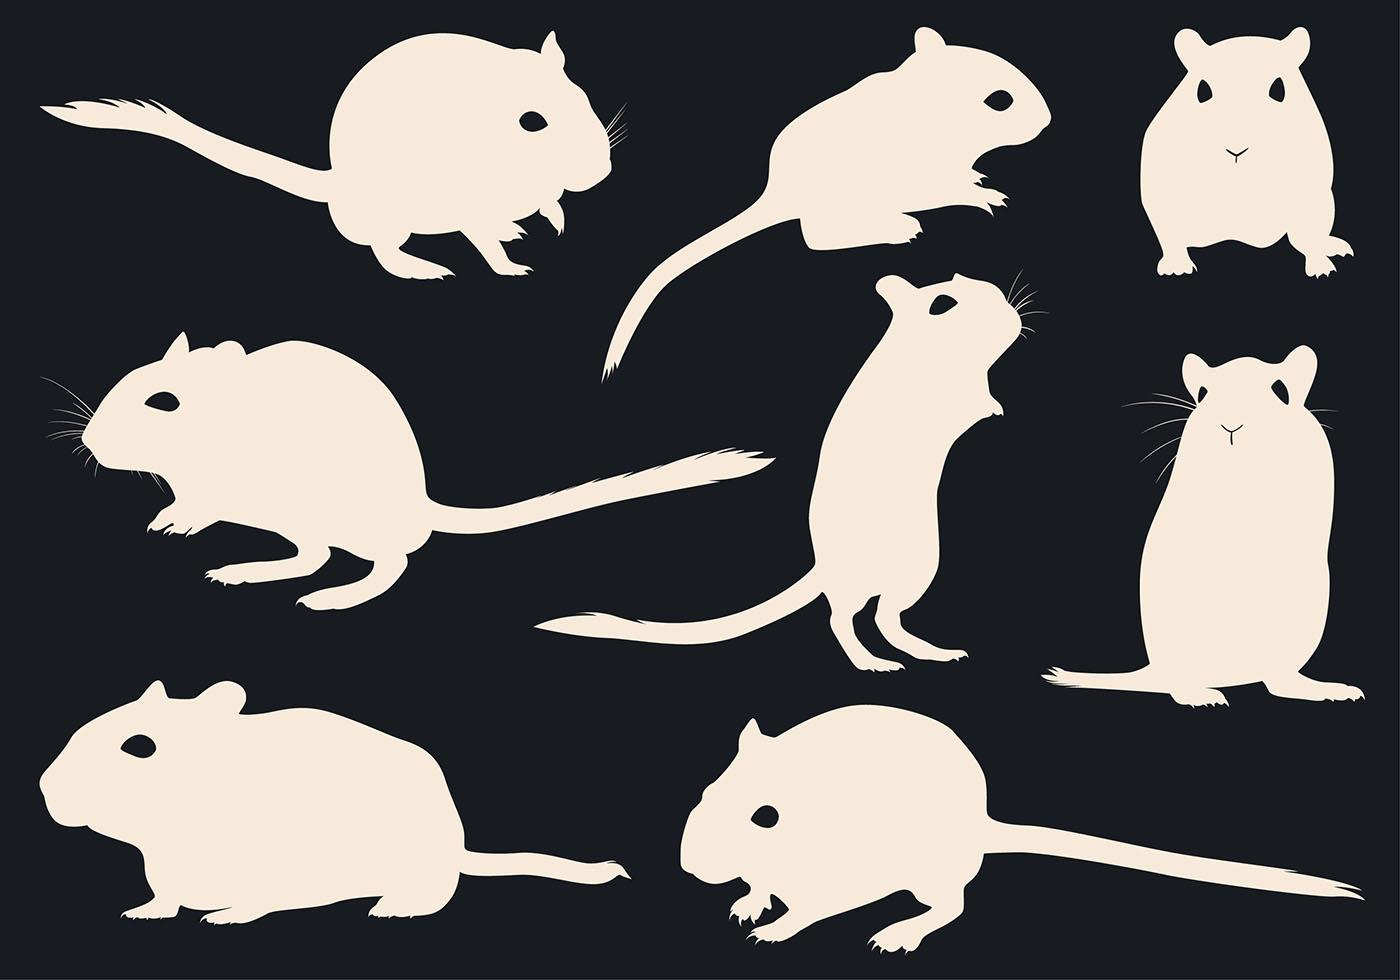 老鼠剪影 免費下載 | 天天瘋後製